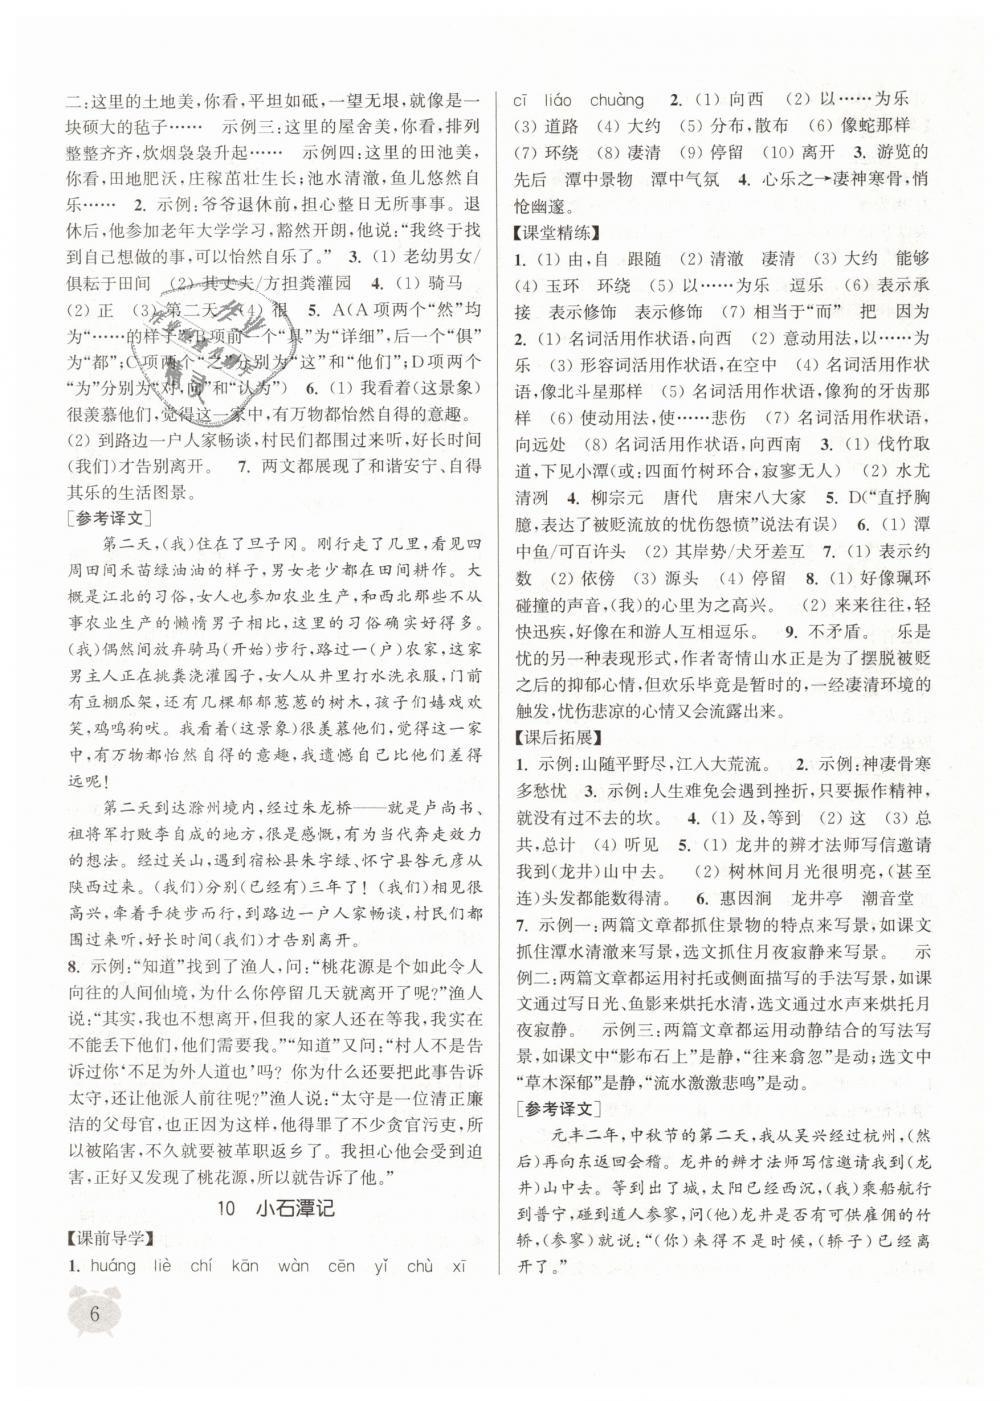 2019年通城学典课时作业本八年级语文下册人教版第6页